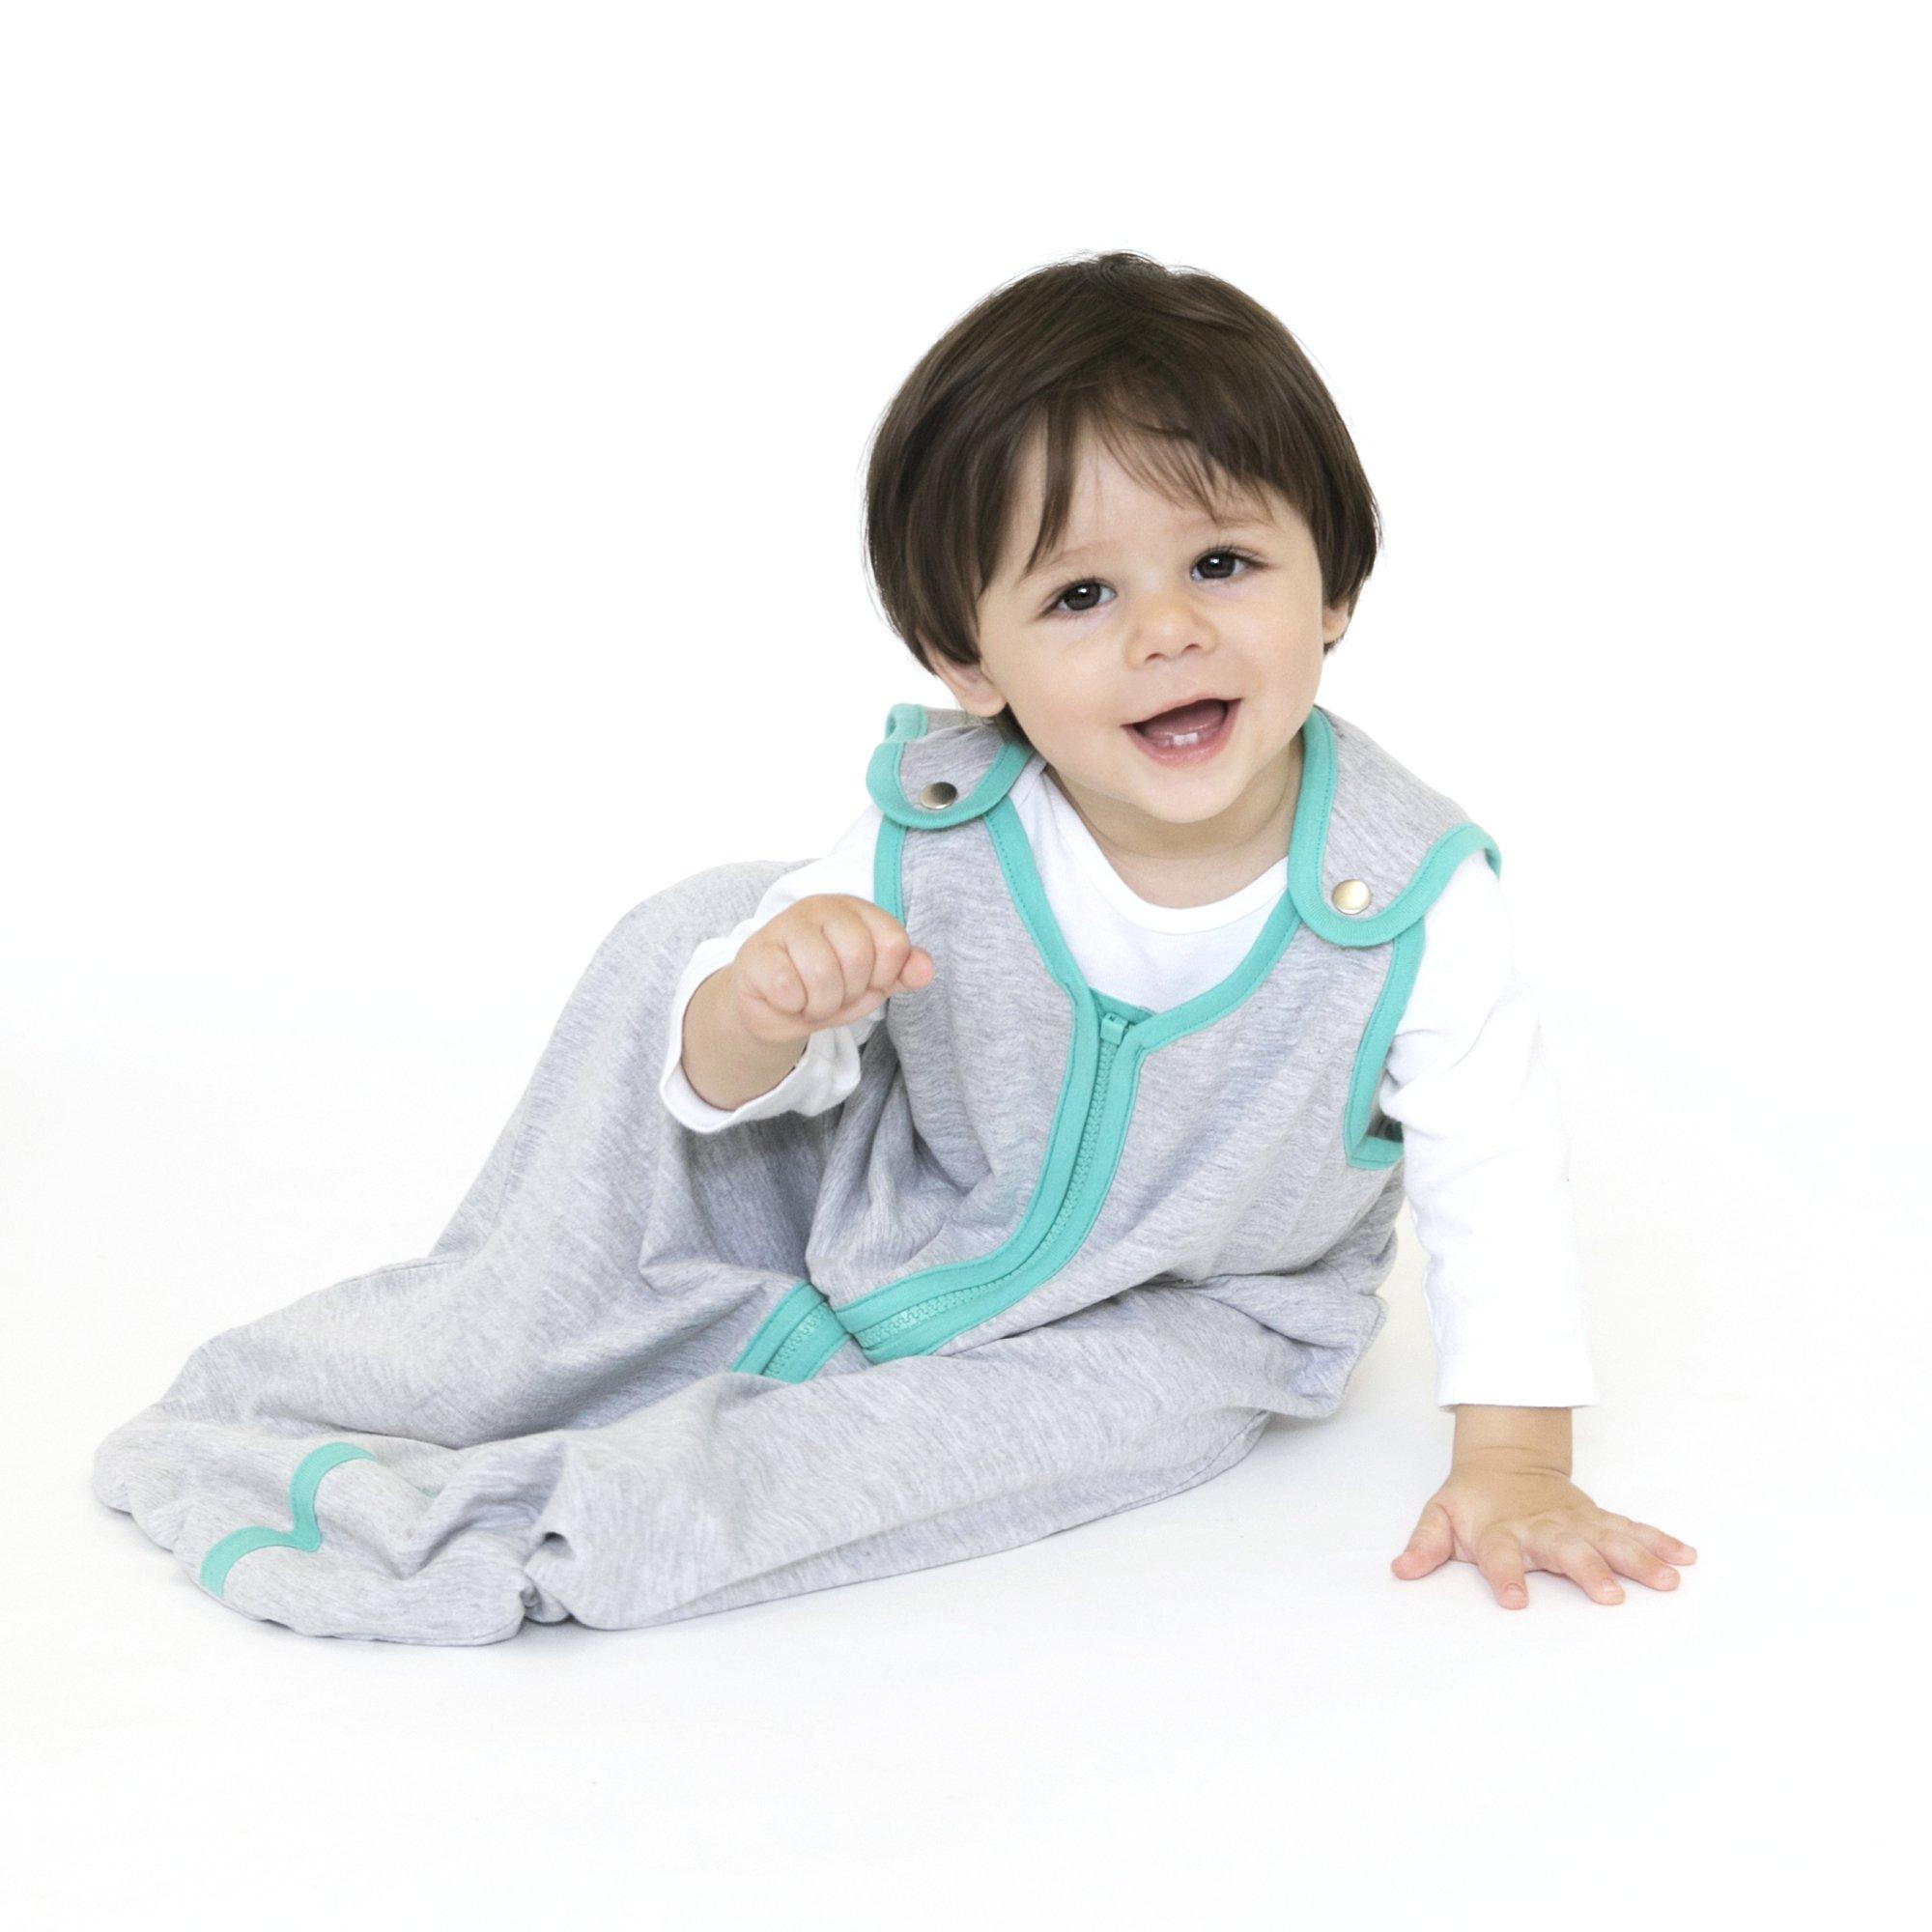 baby deedee Sleep Nest Lite, Sleeping Bag Sack - Heather Teal, L (18-36 Months) by baby deedee